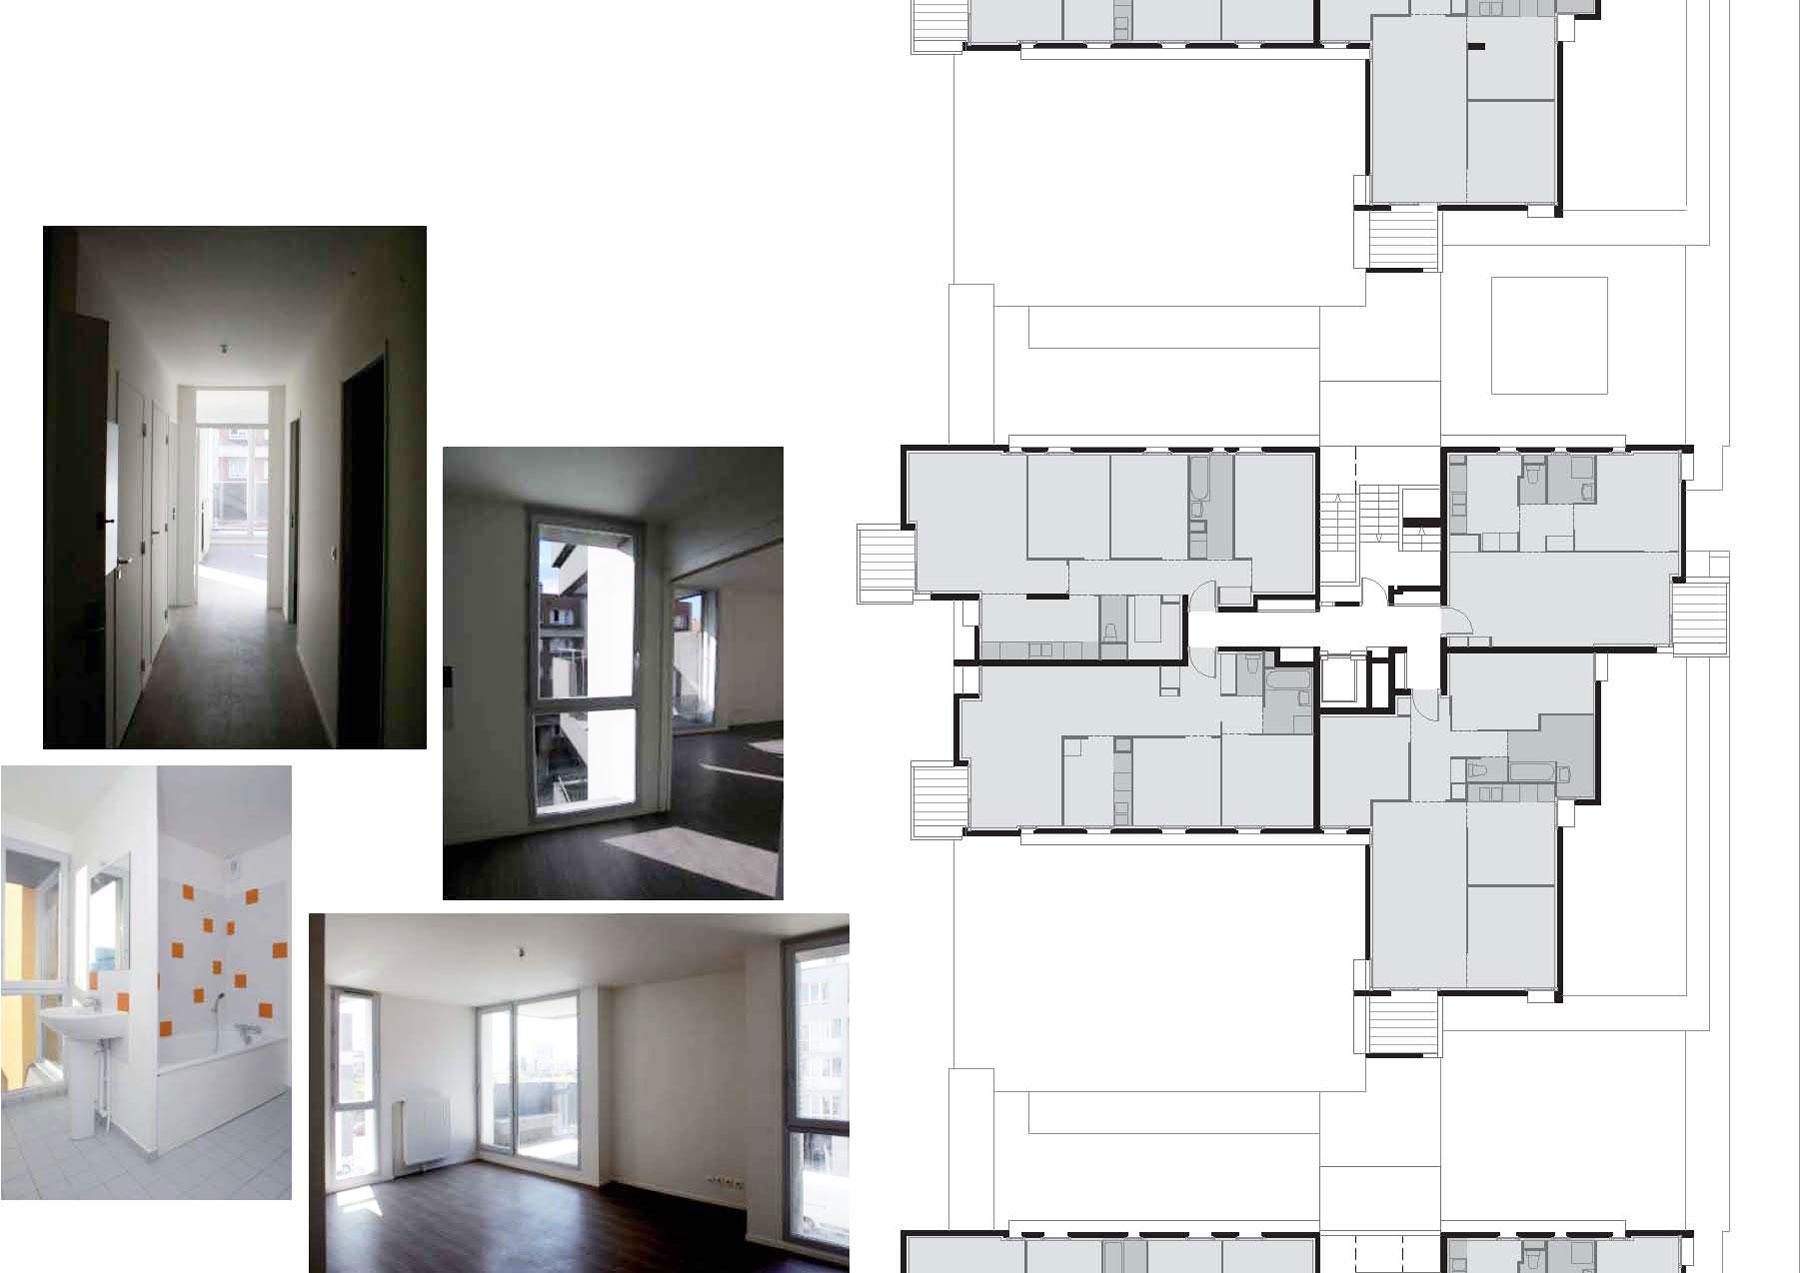 9-germe-et-jam-LCT-la-courneuve-logements-interieur